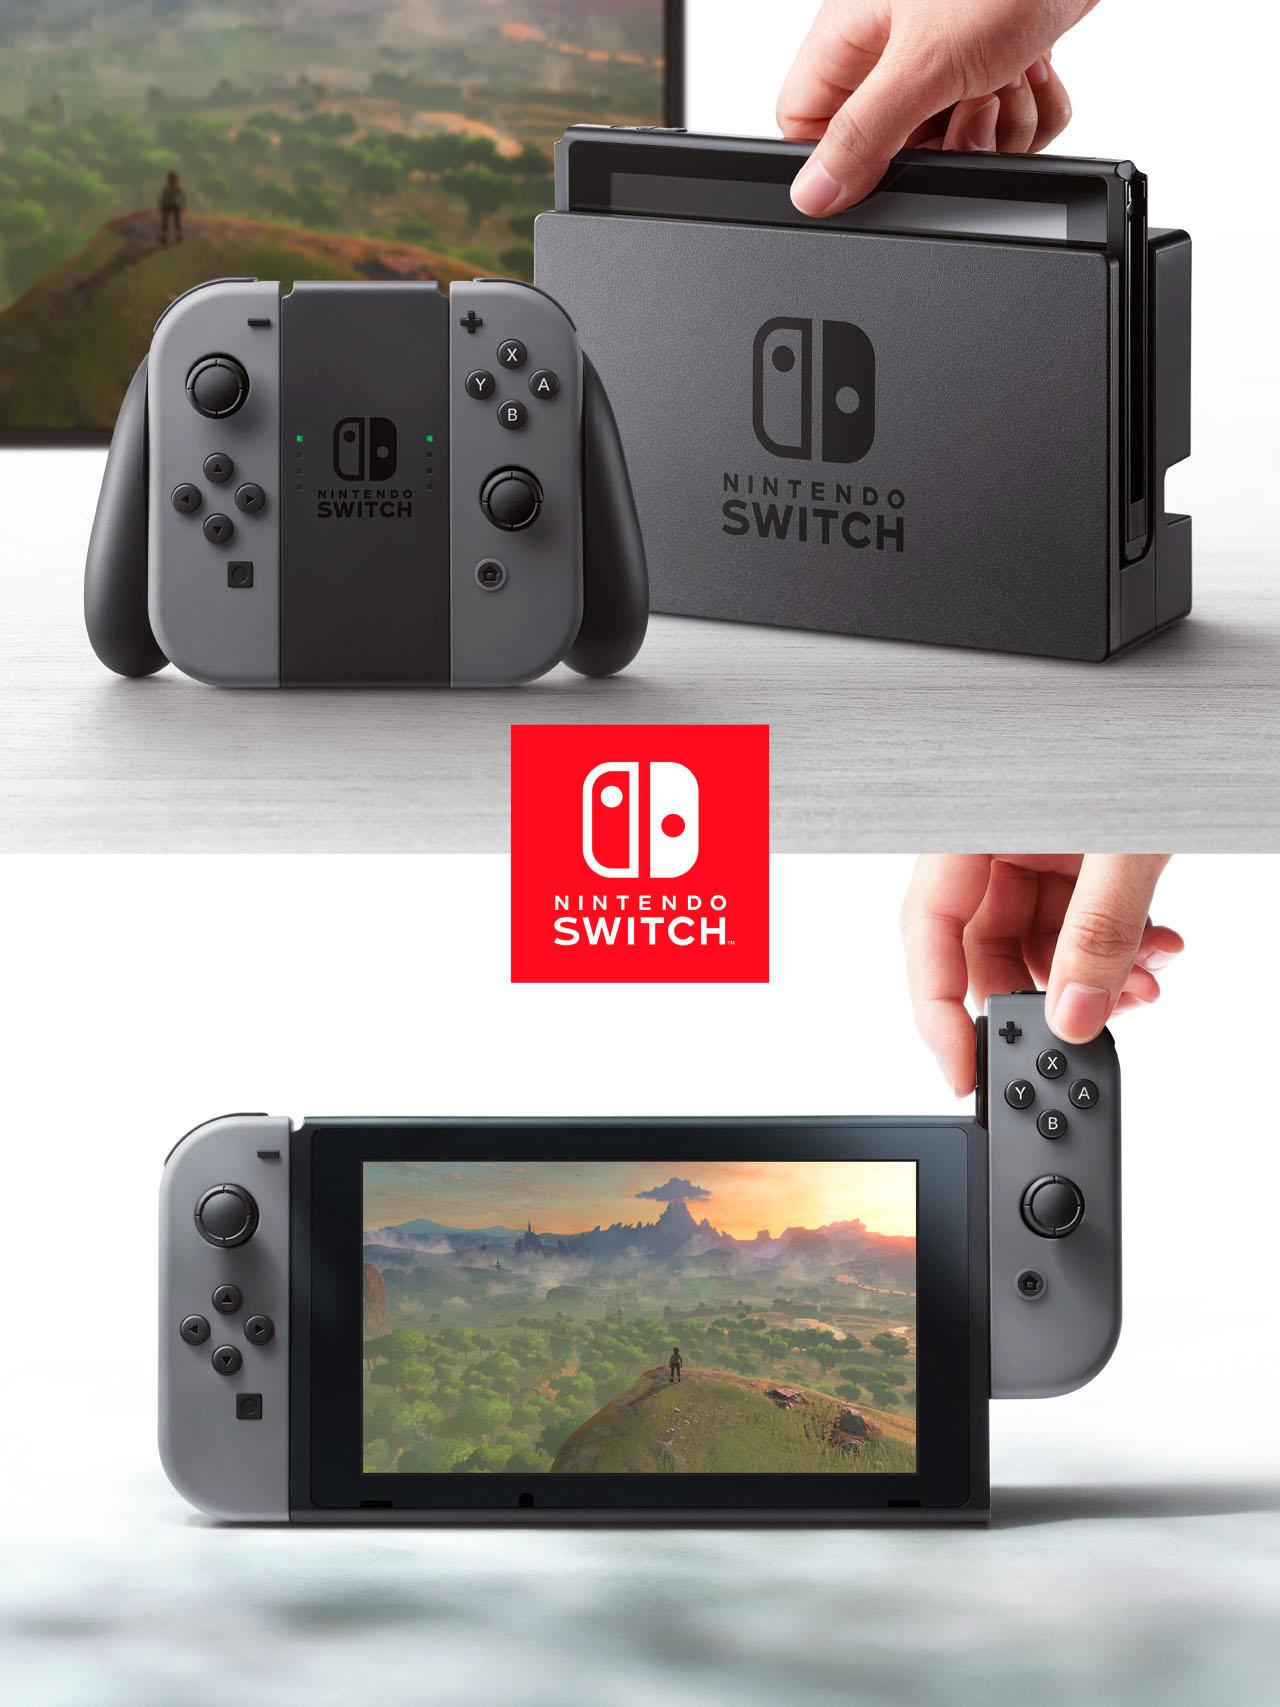 年明け早々には「Nintendo Switch プレゼンテーション 2017」と体験会が開催予定。スイッチがやってきます!